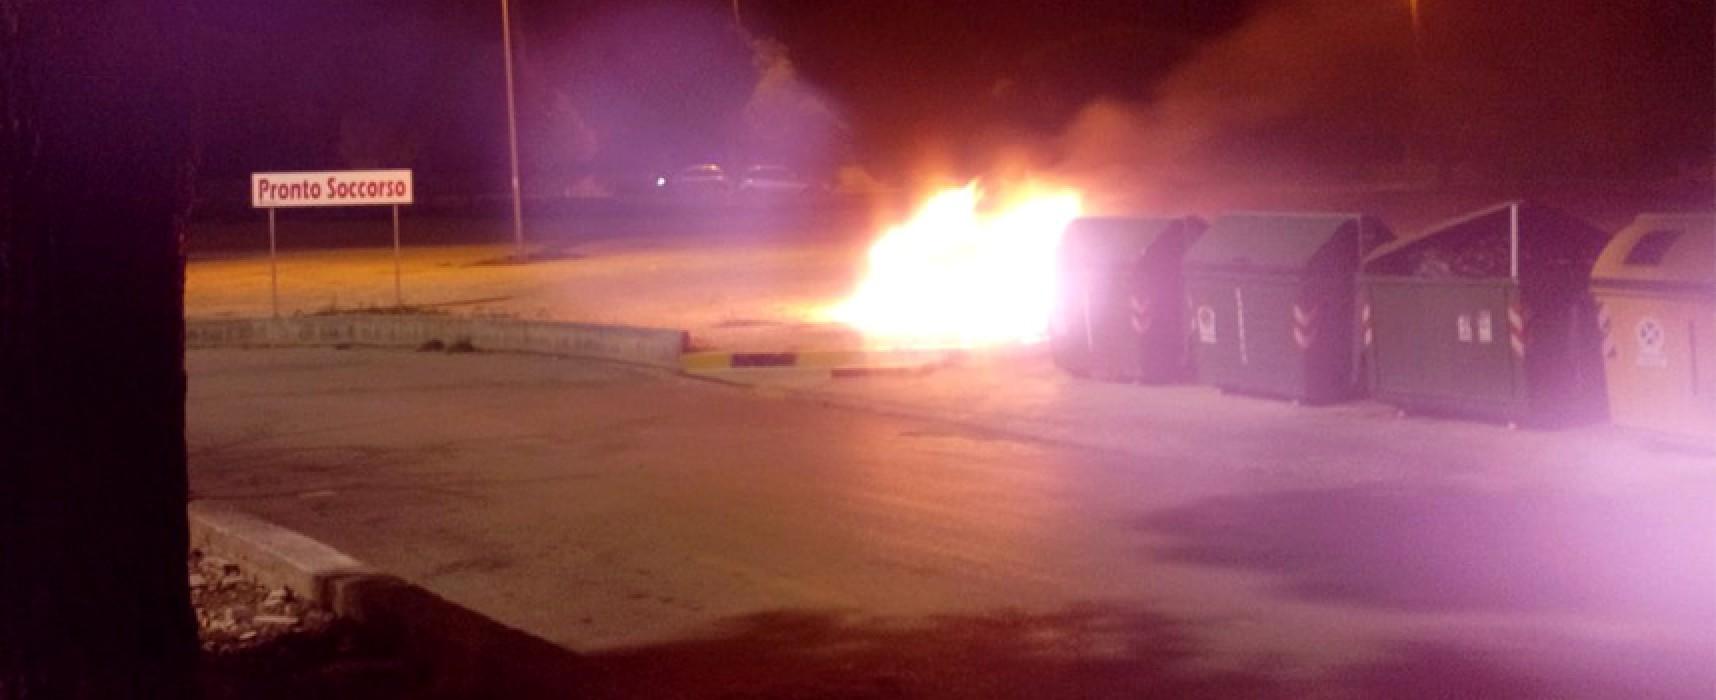 Nella notte in fiamme una Lancia Lybra nel parcheggio dell'ospedale